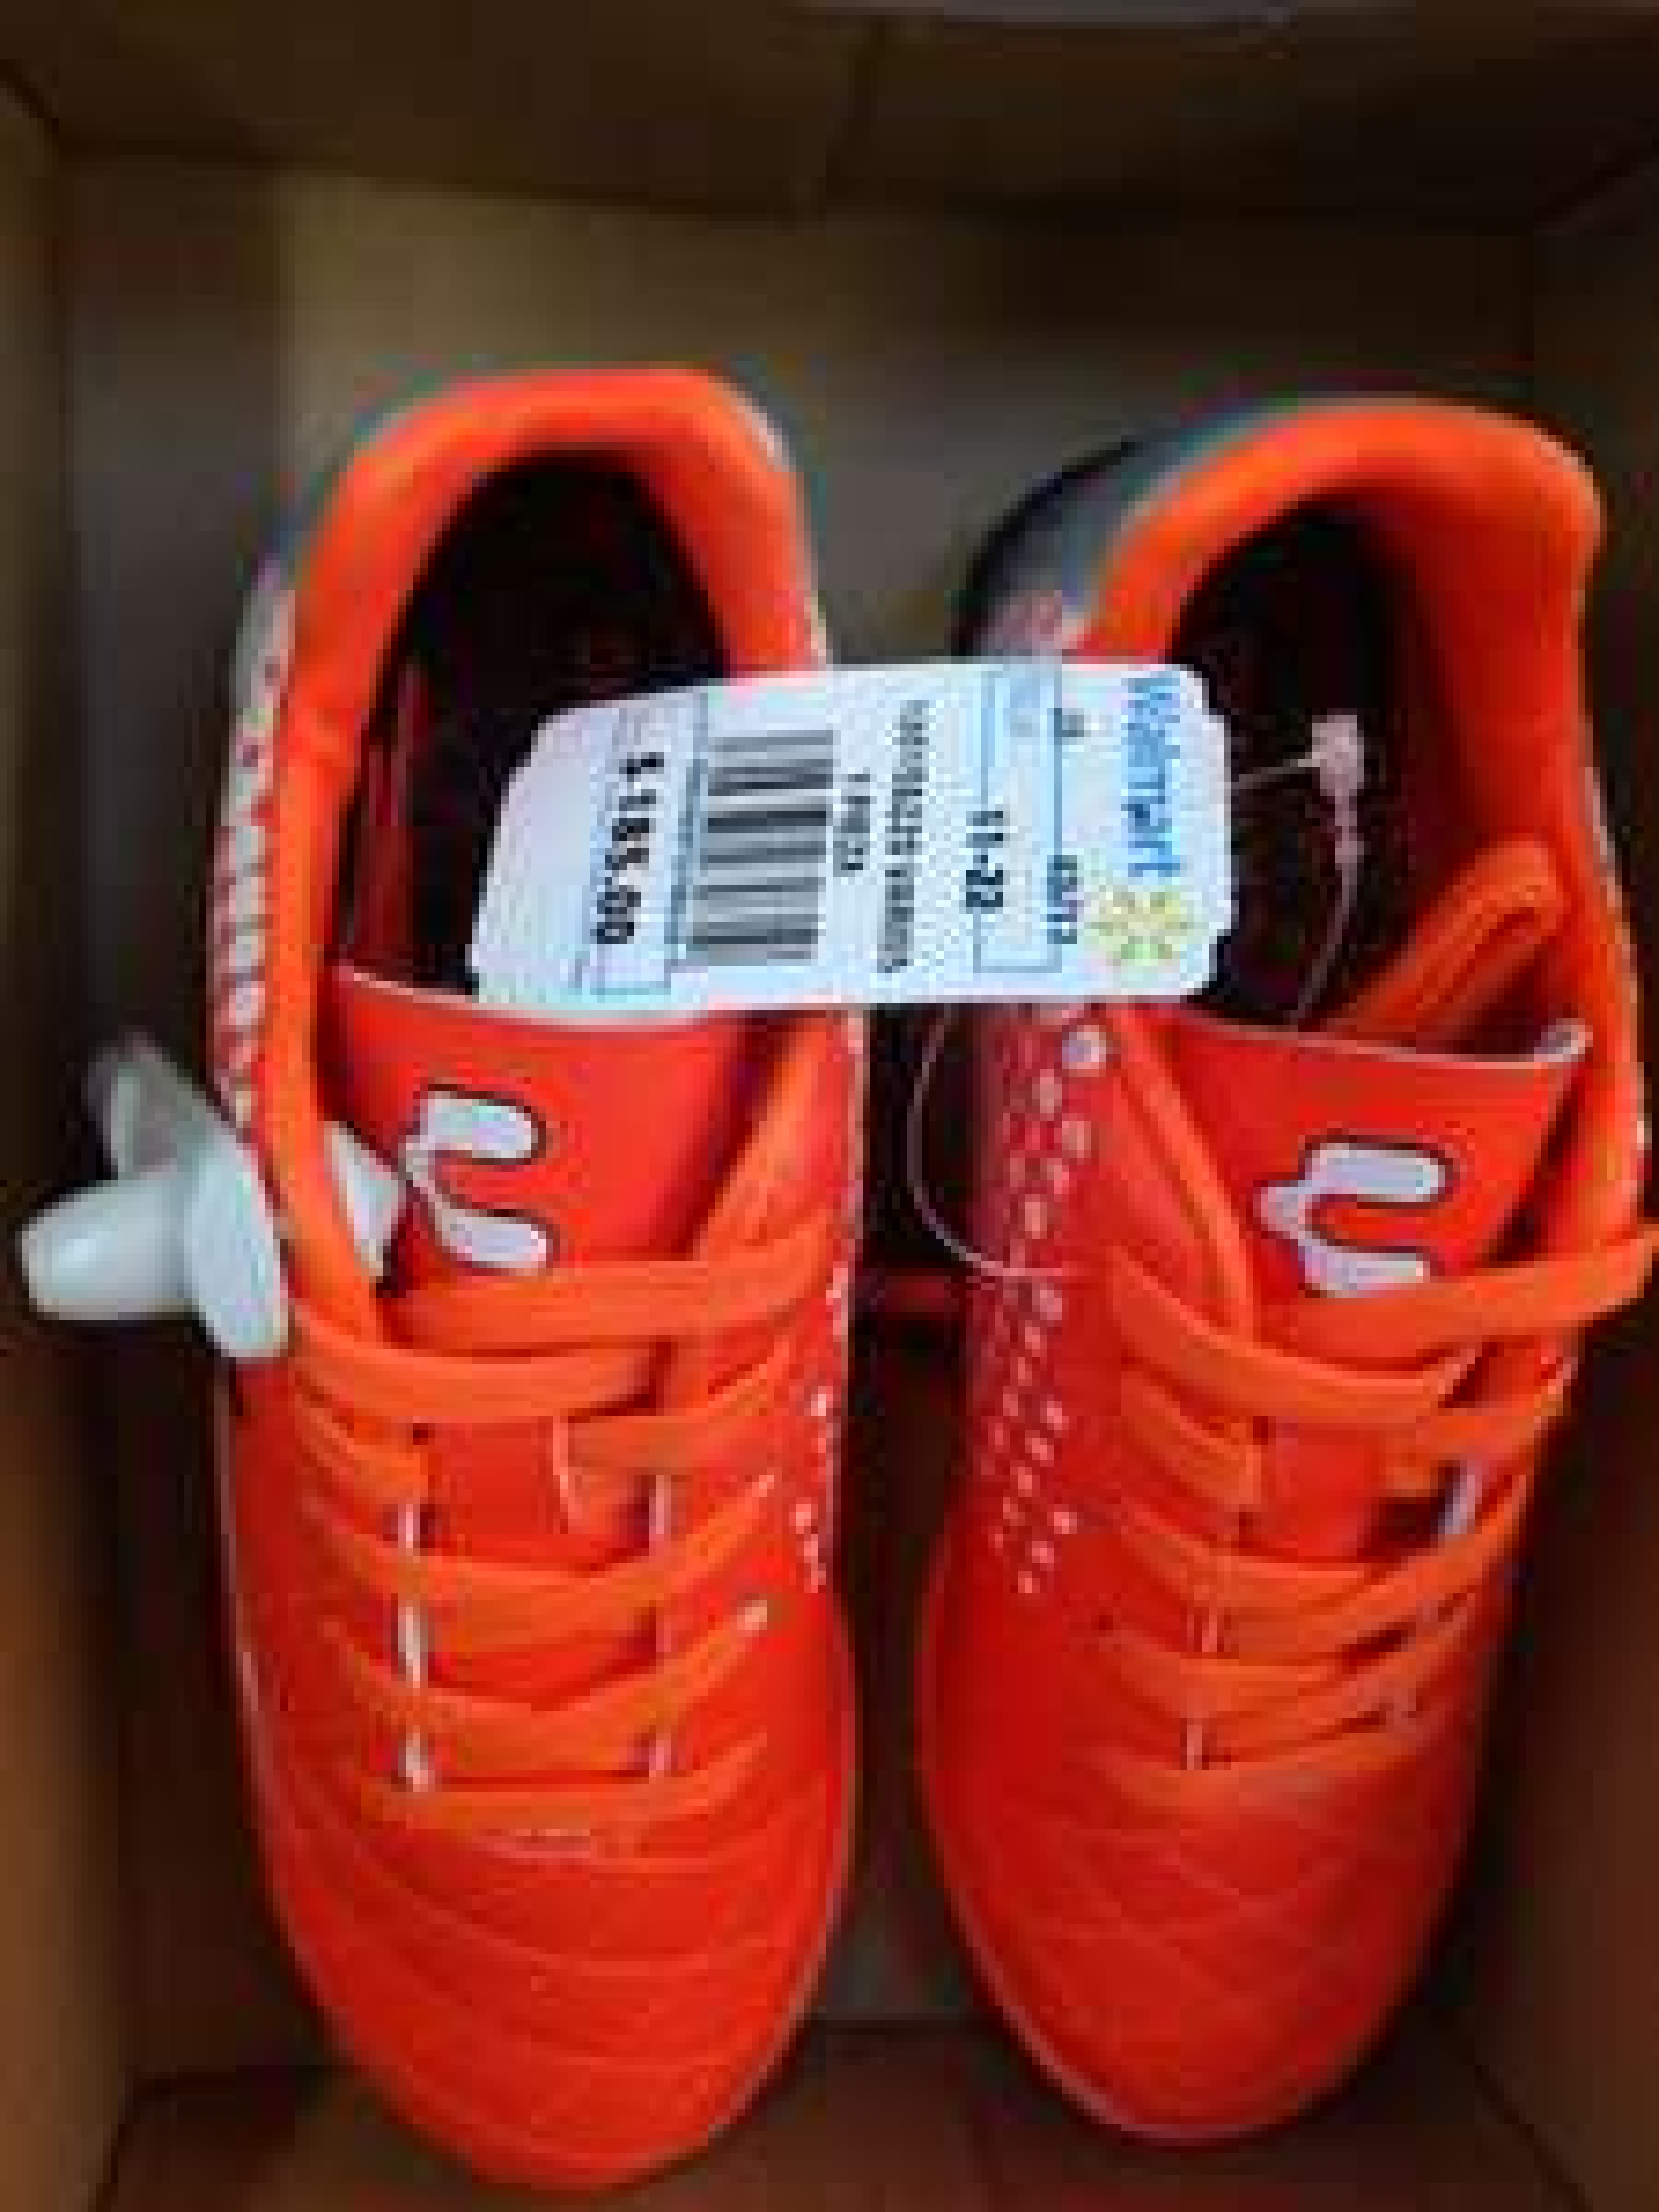 Walmart Batan: zapatos de futbol rápido para niños